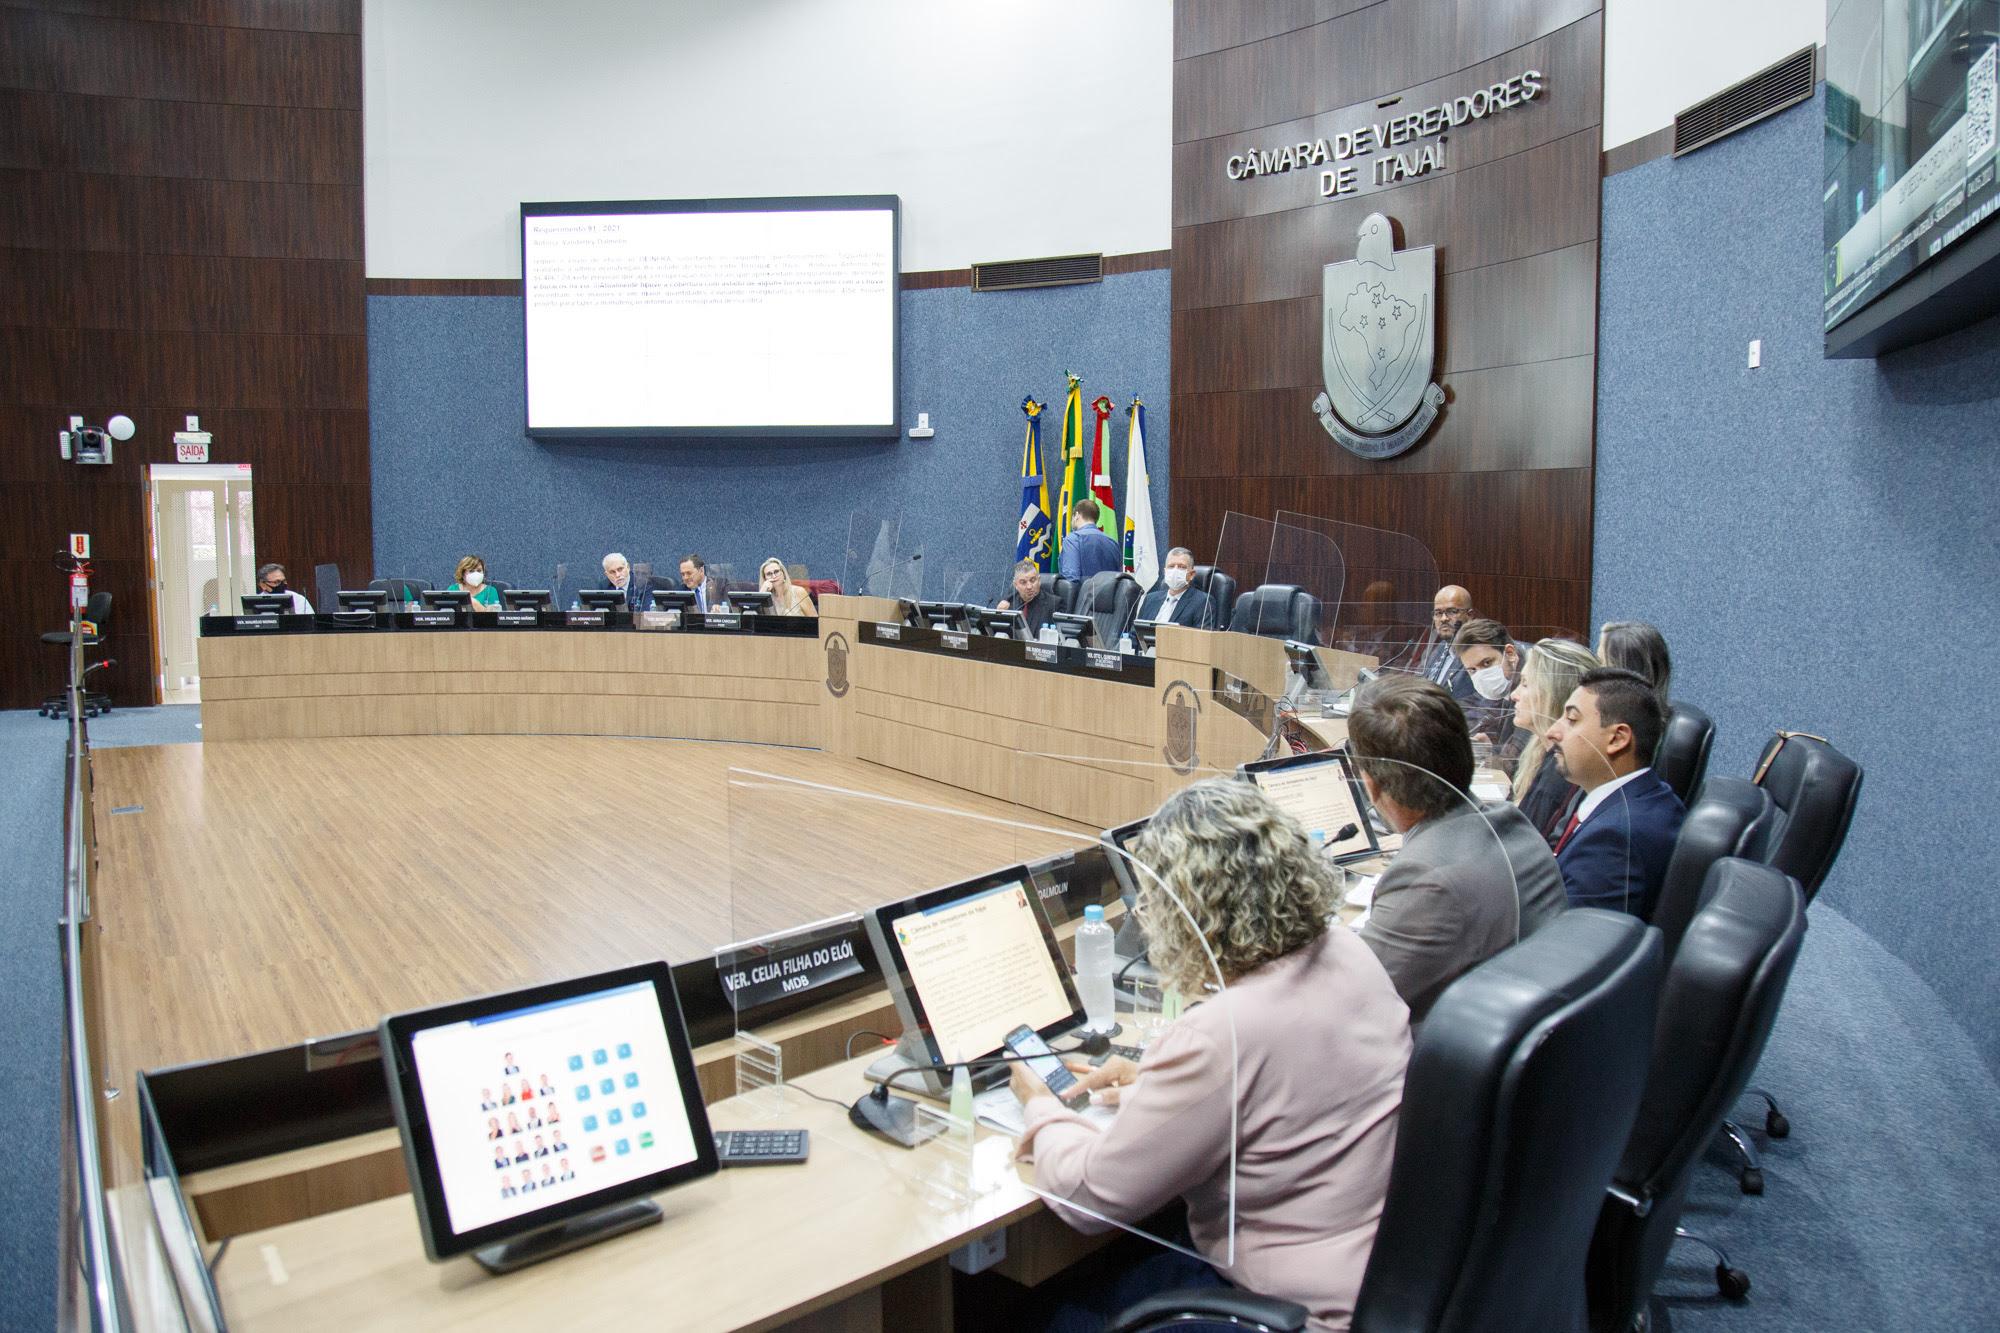 Câmara Itajaí: vai destinar  R$ 1,5 milhão para combate à pandemia, os recursos são provenientes da União e também do superávit financeiro do Município em 2020